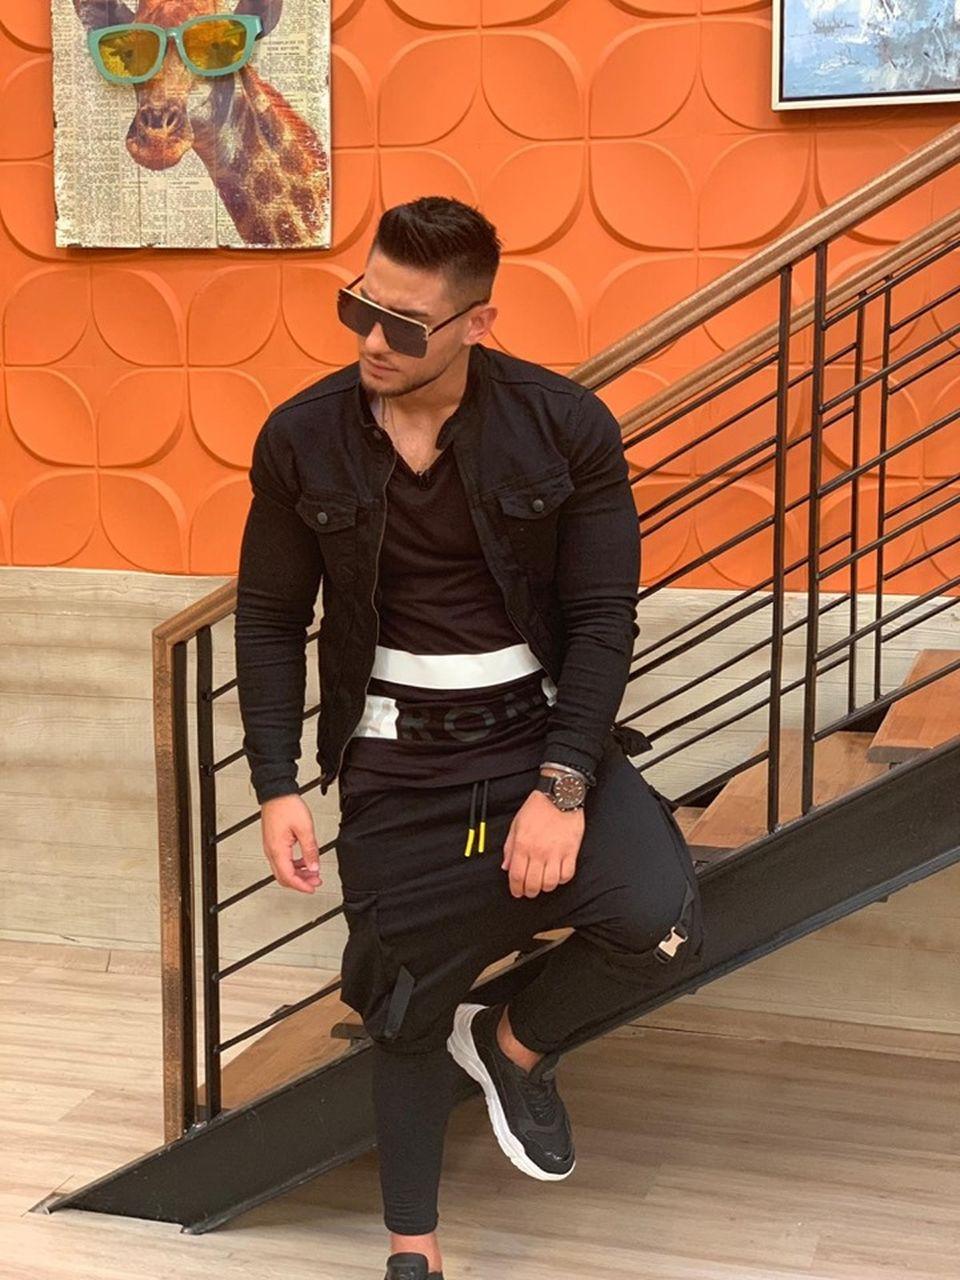 Ce se întâmplă cu Bogdan Mocanu la Puterea dragostei?! Concurentul a făcut un apel disperat către fani: